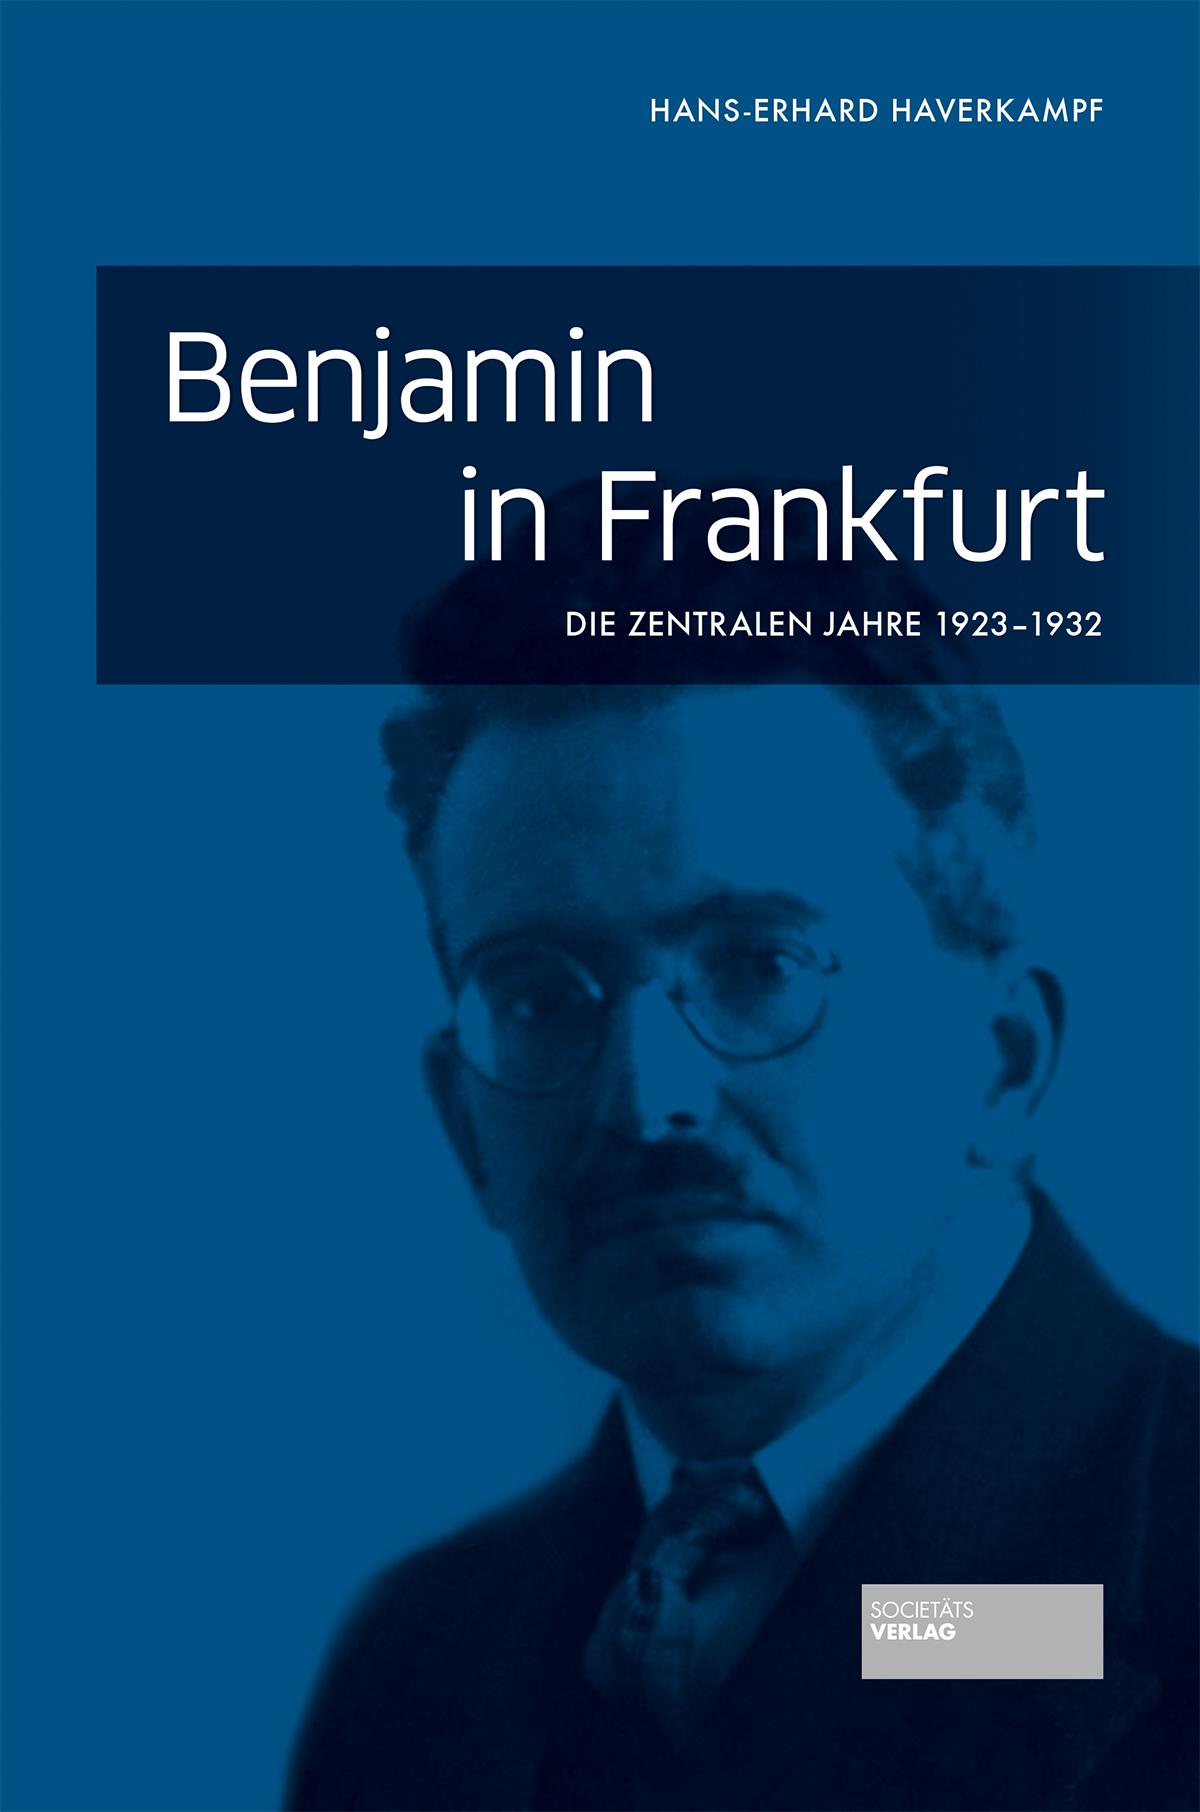 Benjamin in Frankfurt Hans-Erhard Haverkampf 9783955421564 - Bergisch Gladbach, Deutschland - Benjamin in Frankfurt Hans-Erhard Haverkampf 9783955421564 - Bergisch Gladbach, Deutschland